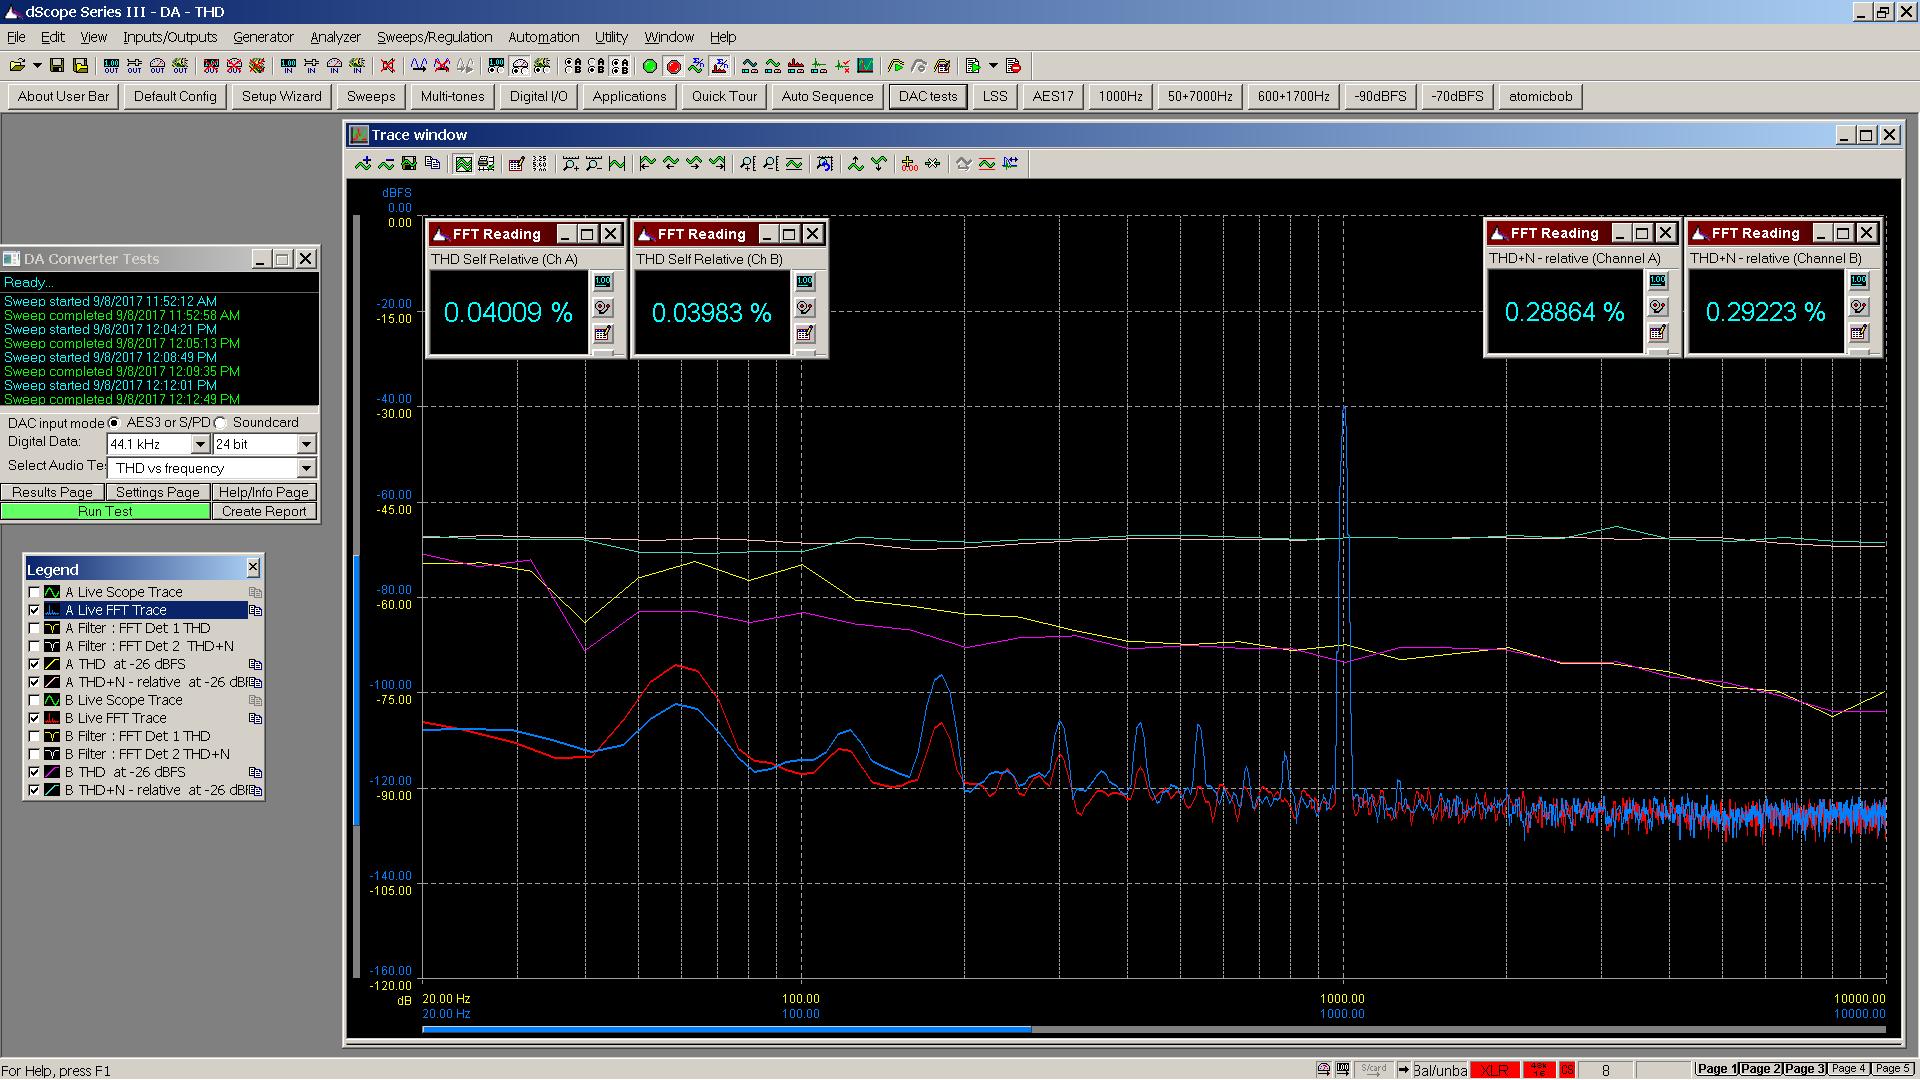 20170908-2 Project Sunrise III SE THD THD+N -24 dBu - w FFT - talema.PNG